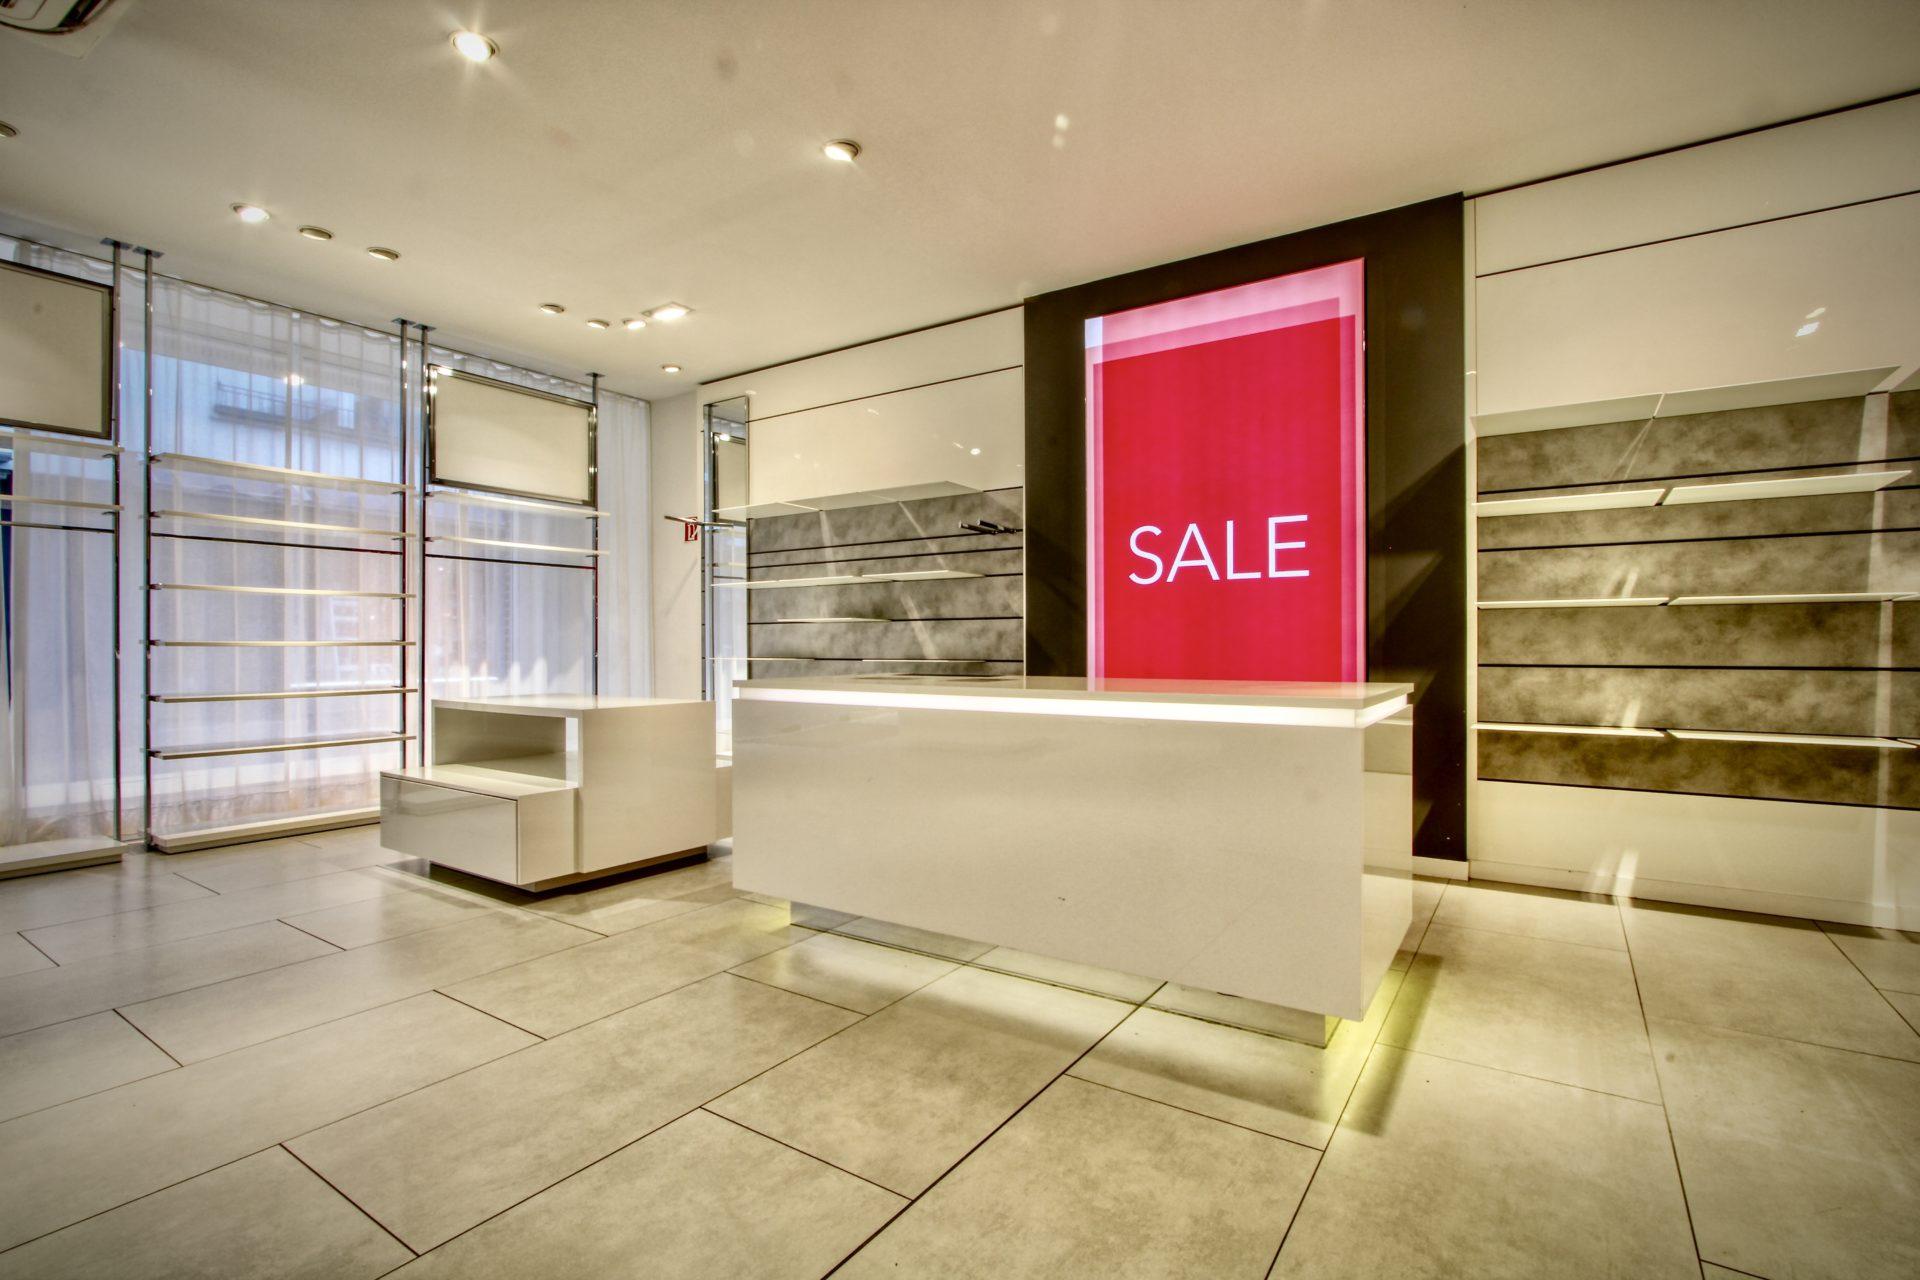 (Nr. 04140) 115 qm Ladenlokal in Bestlage – Sichtbarkeit garantiert!